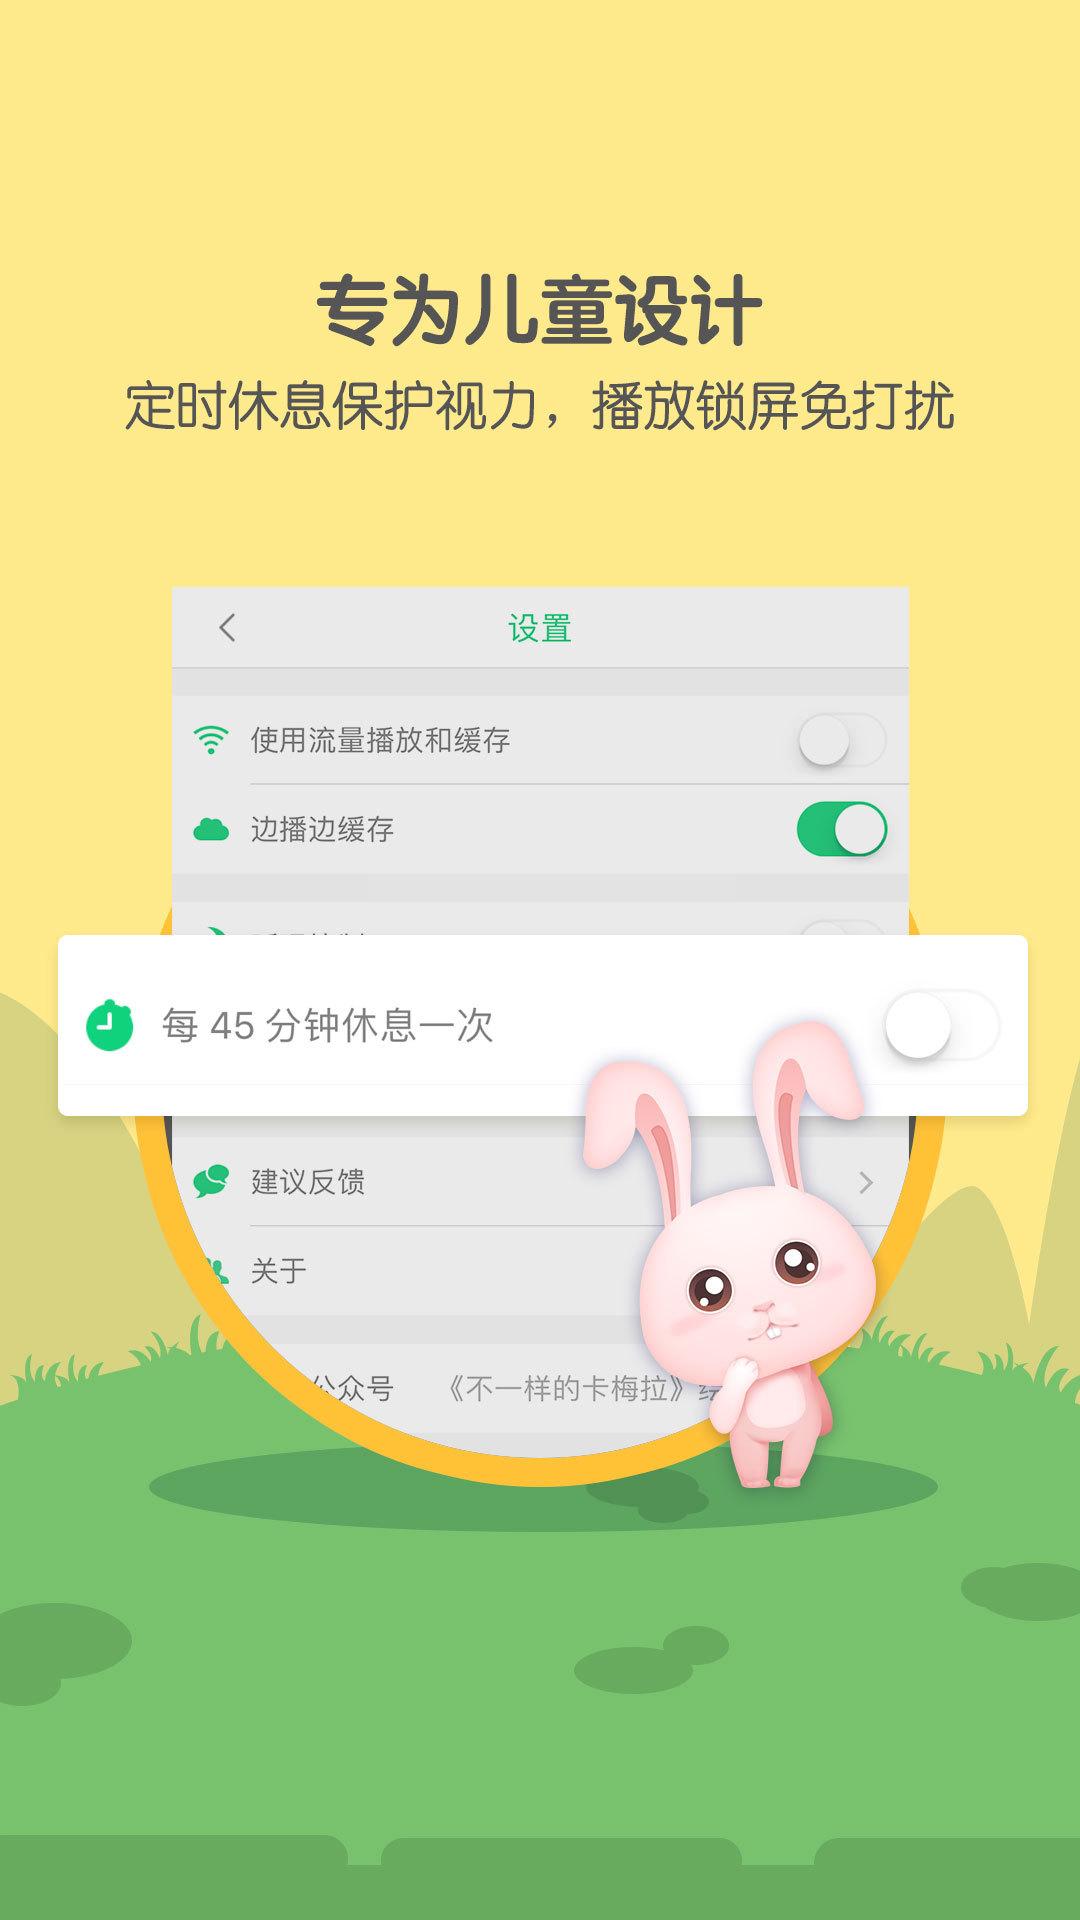 萌宝儿歌大全app安卓版最新下载图片1